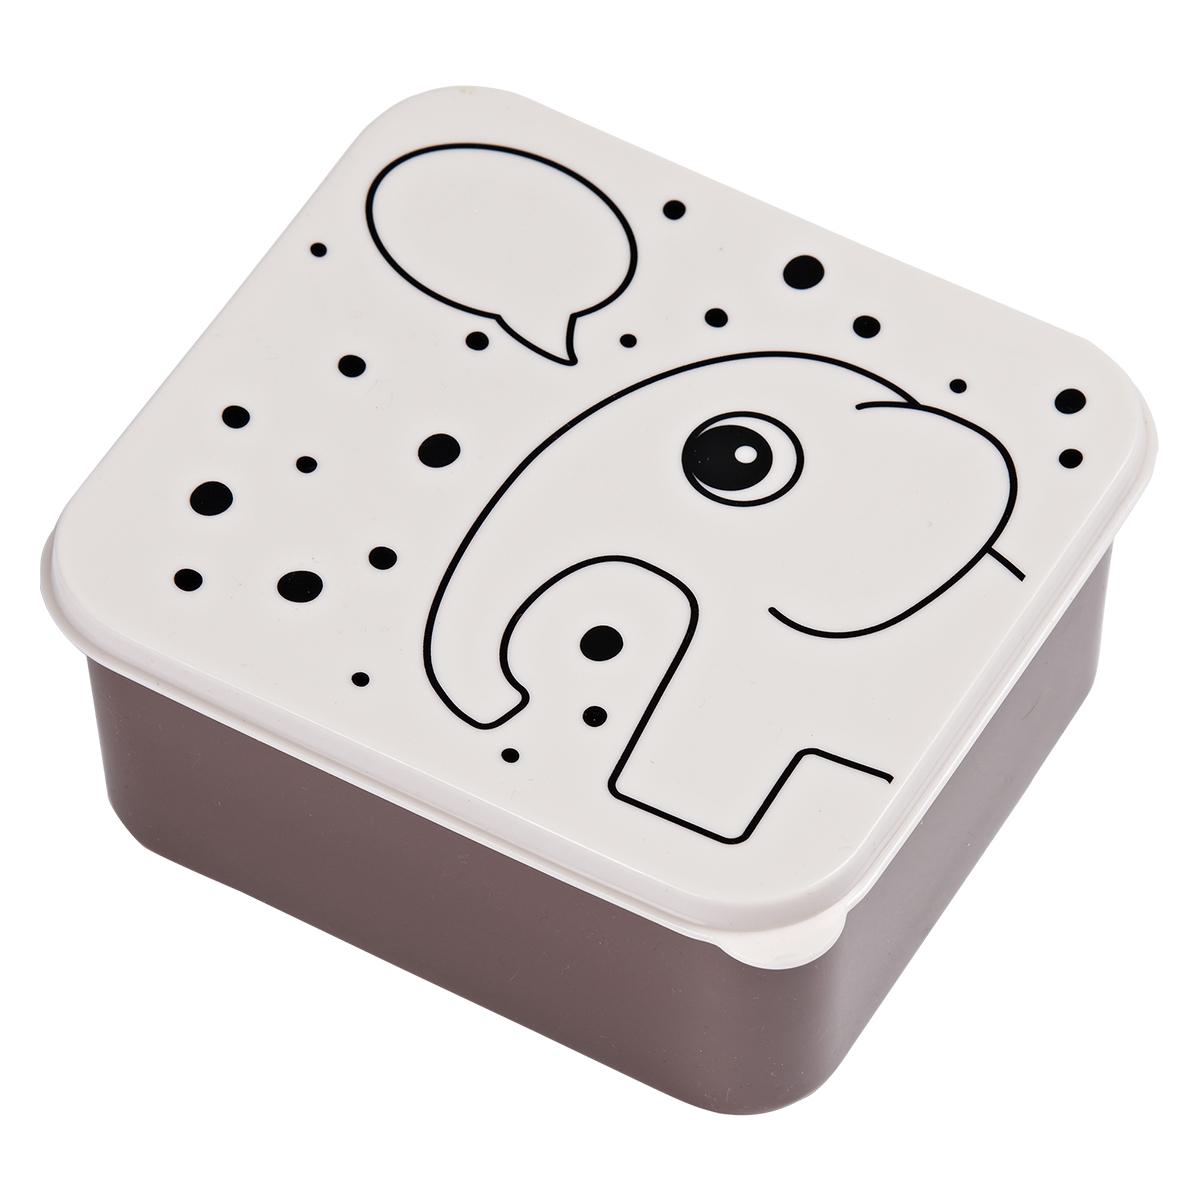 Vaisselle & Couvert Boîte à Goûter Elphee - Rose Poudré Boîte à Goûter Elphee - Rose Poudré